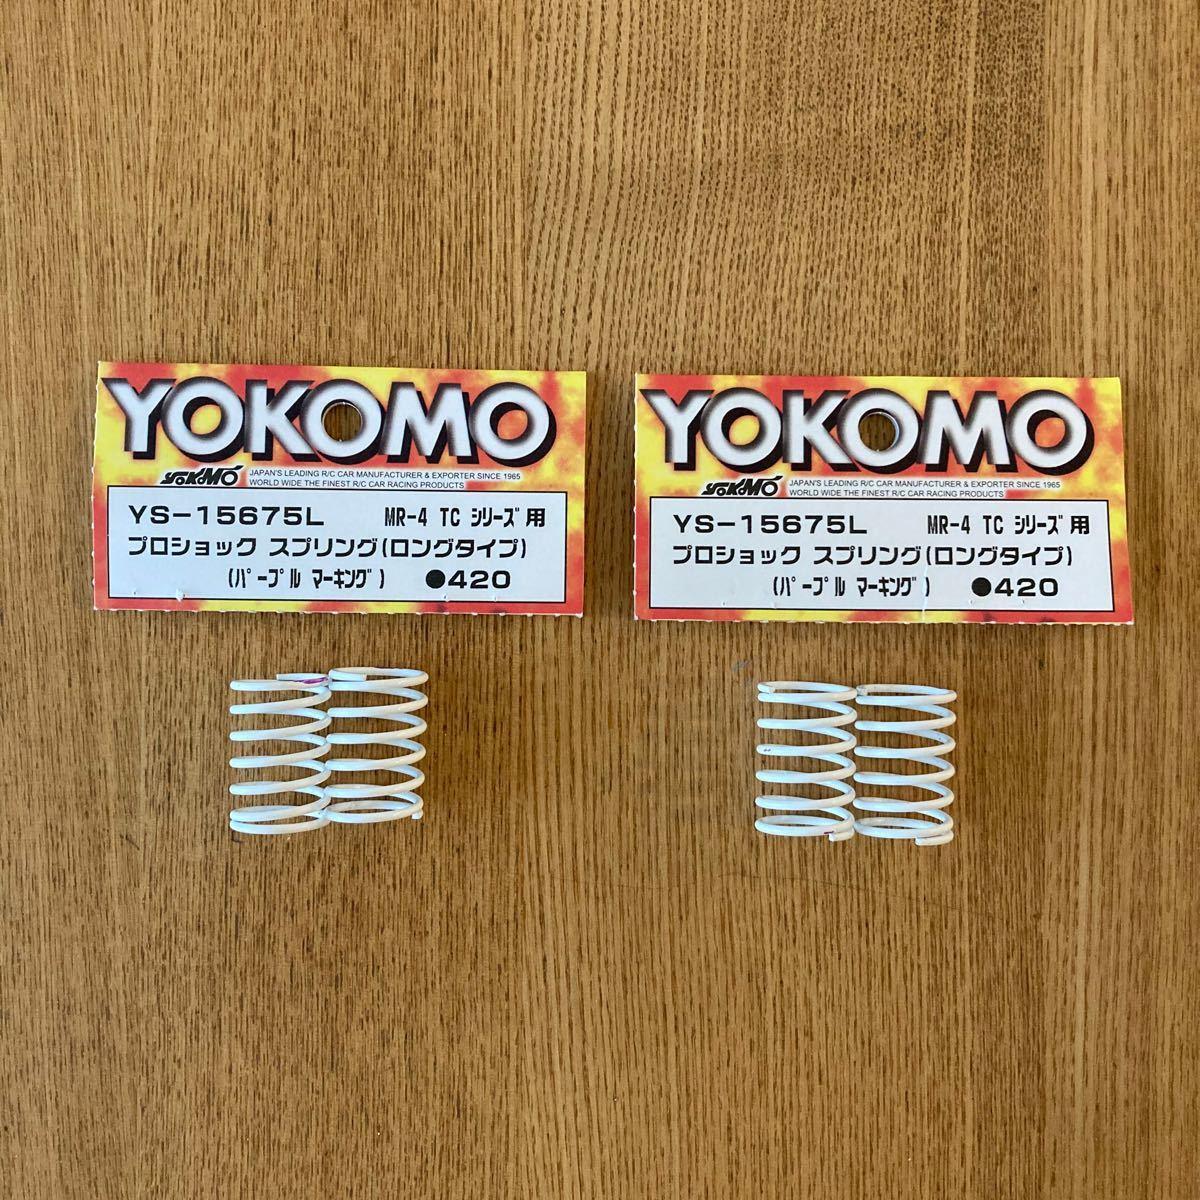 ヨコモ yd2 ドリフト→TC仕様 フロント部分他 変更セット